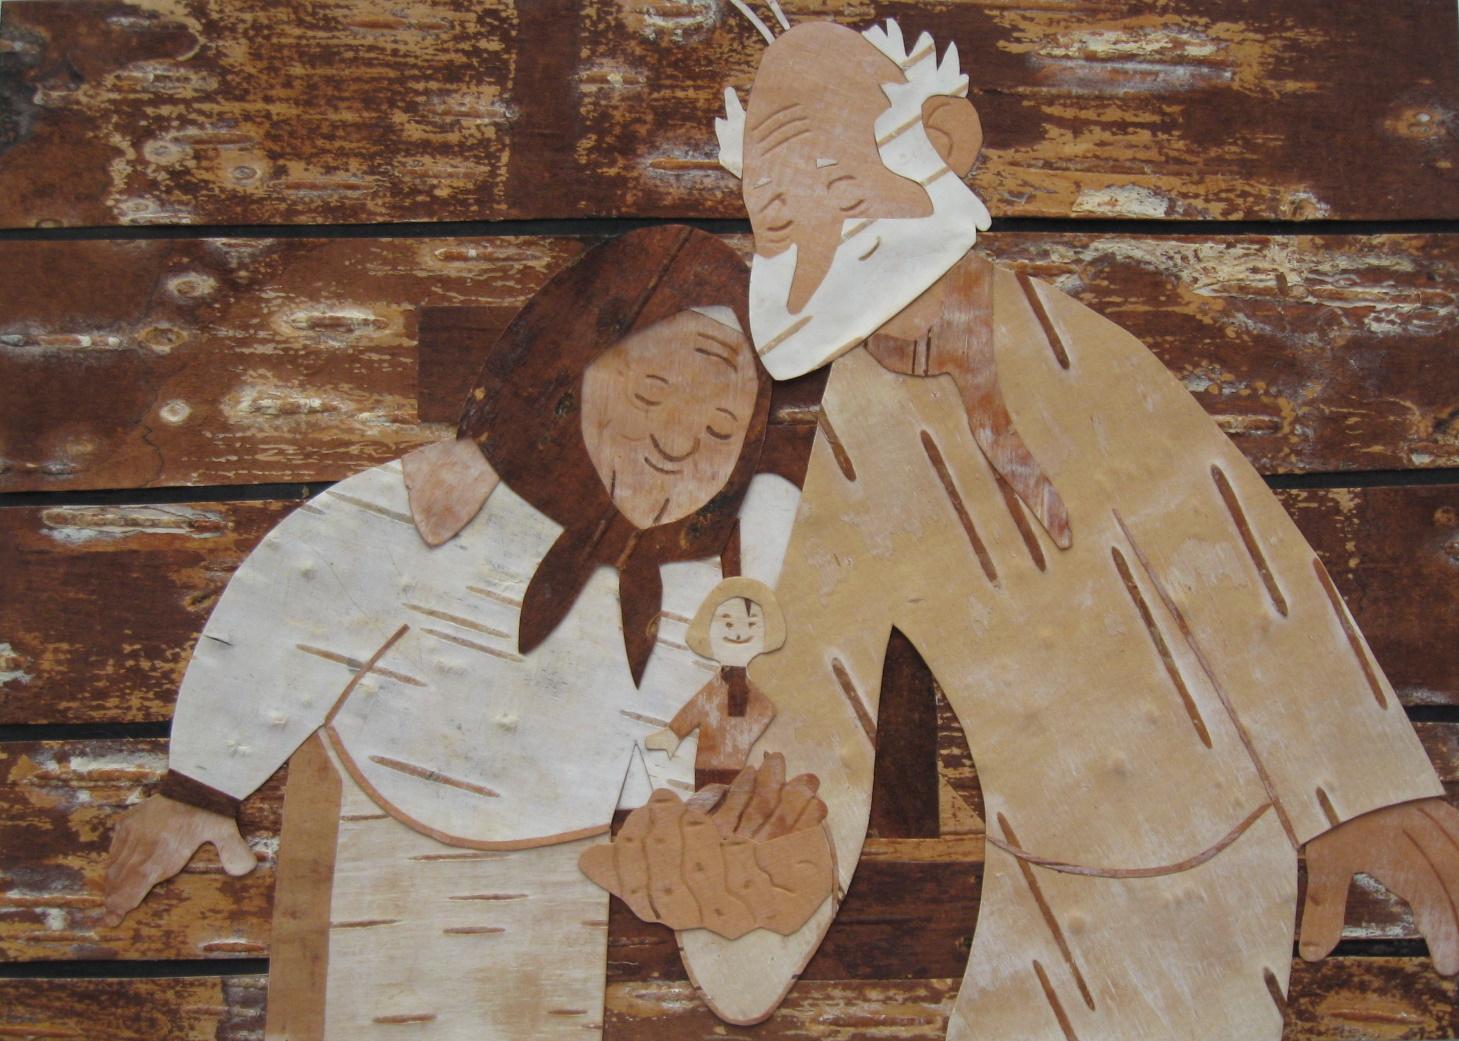 Картинки из бересты своими руками для начинающих, держись братишка роза